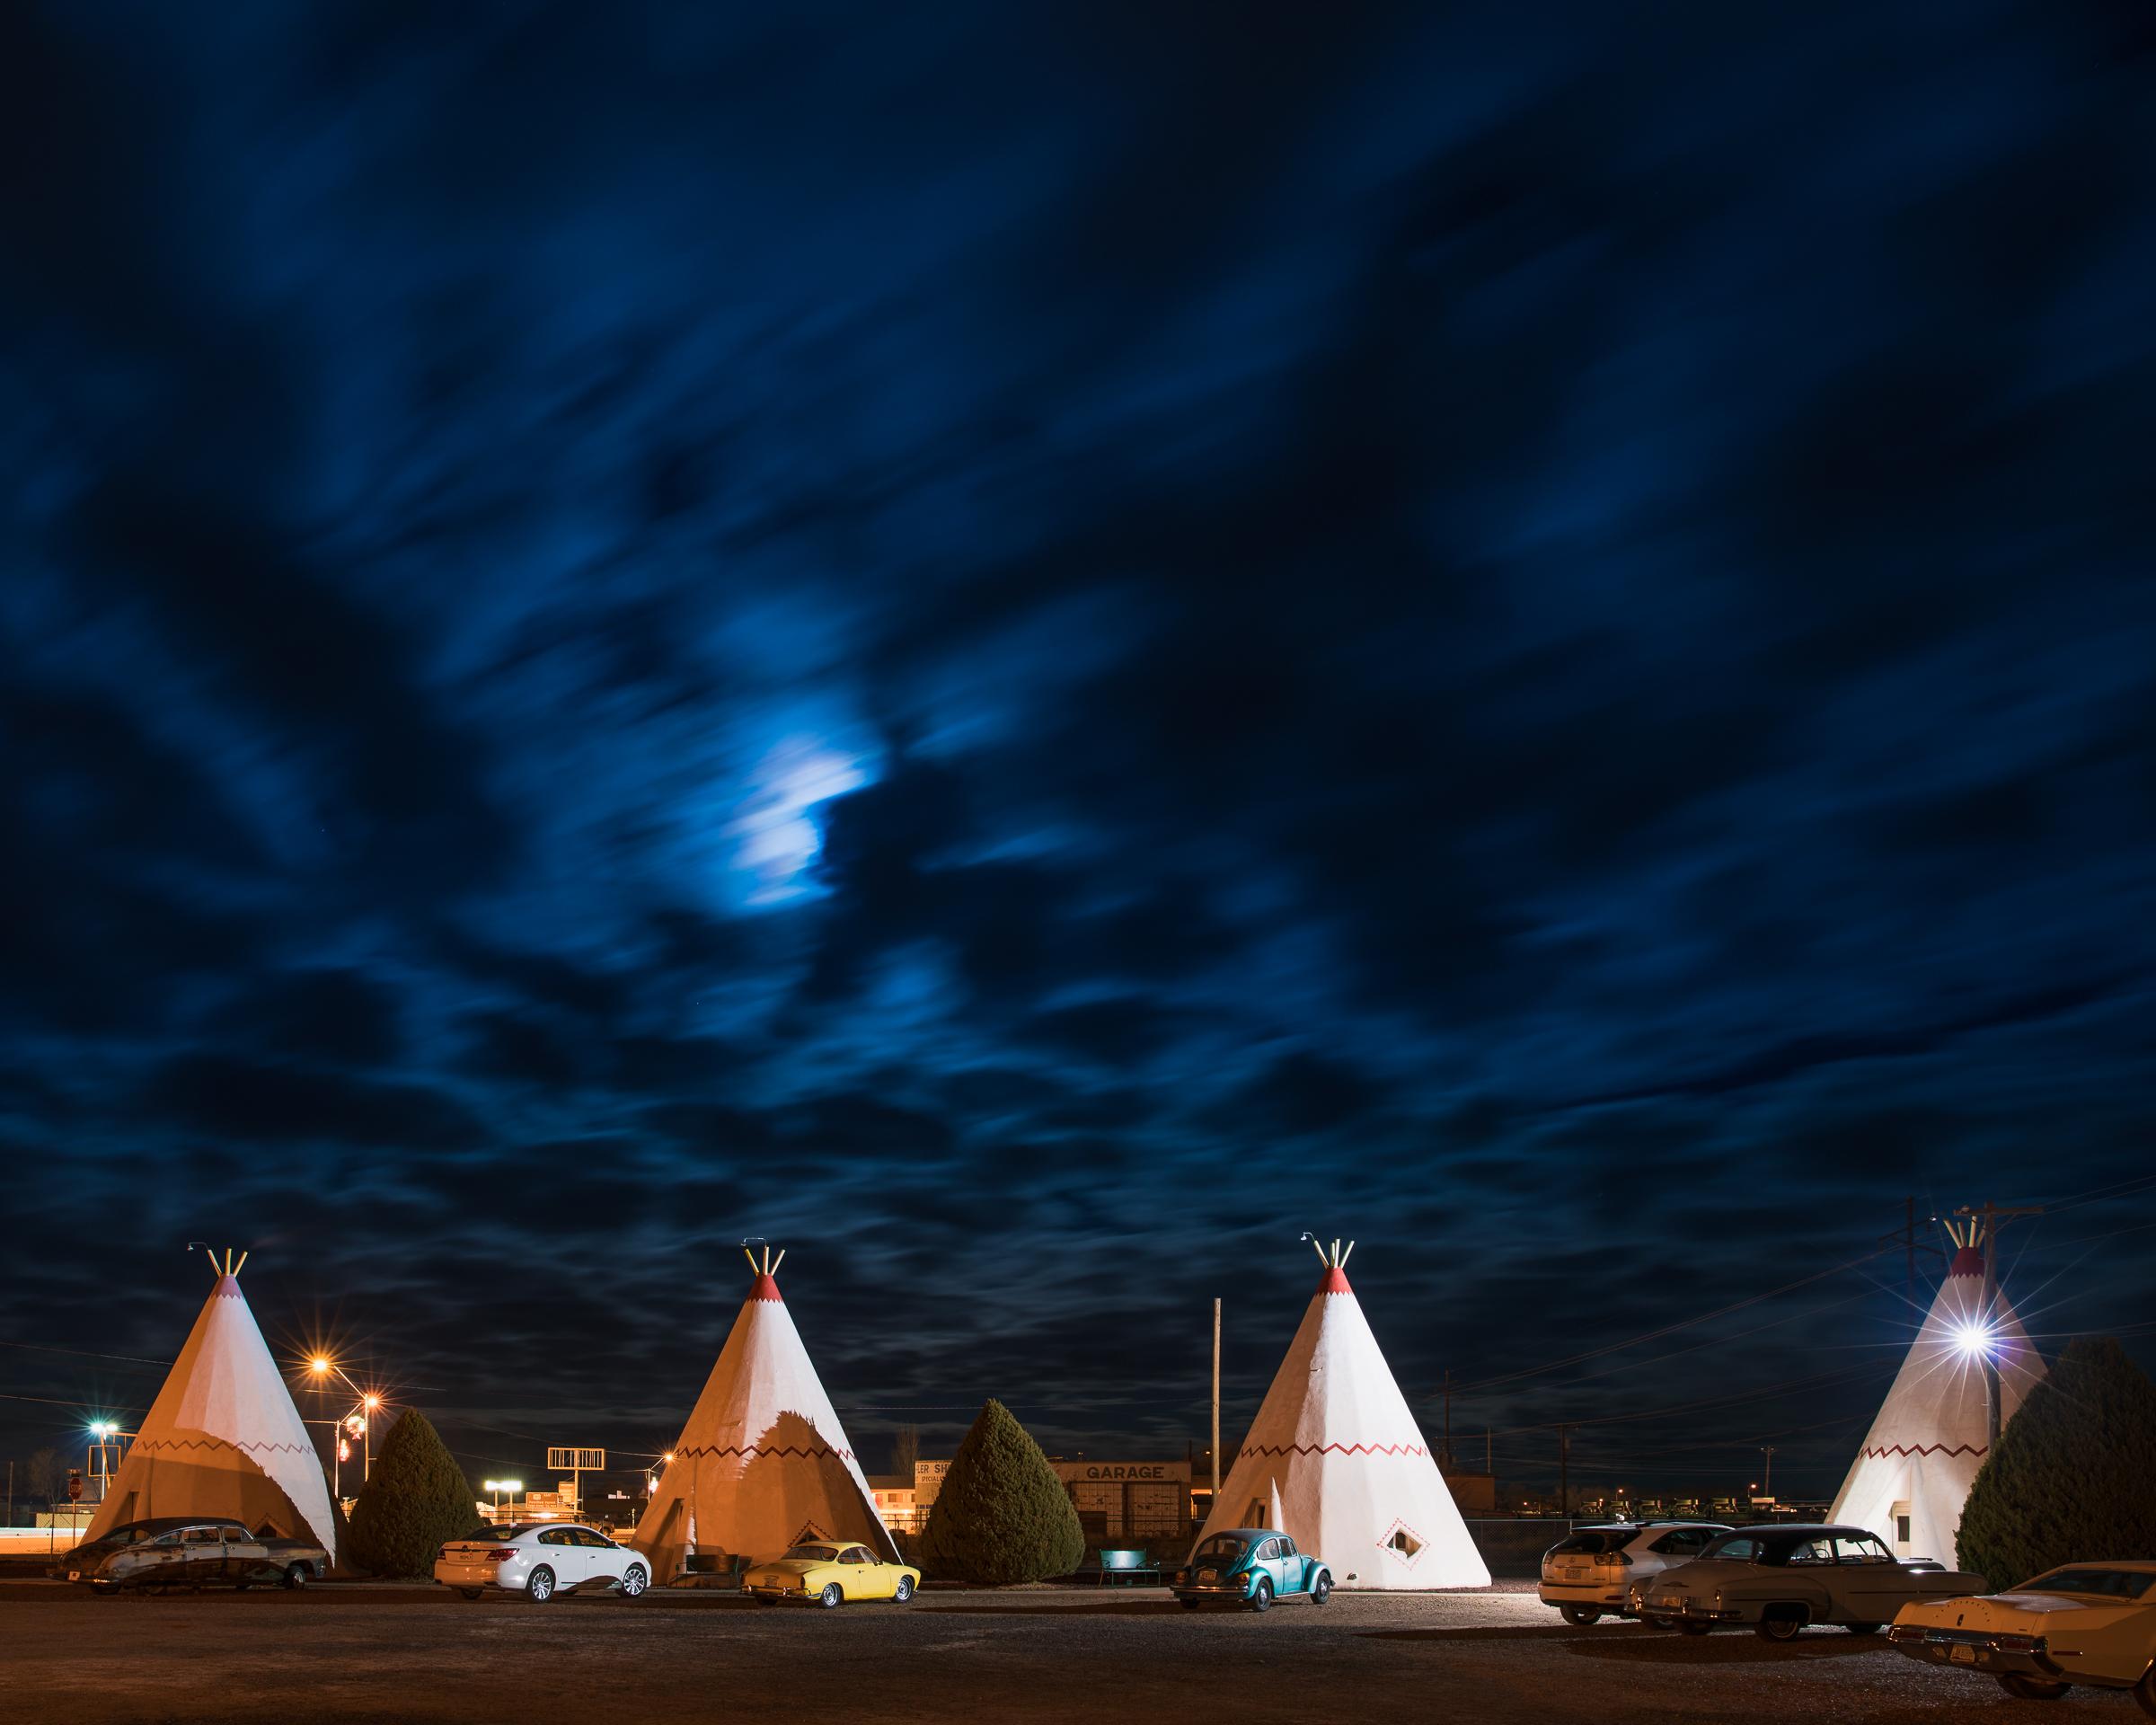 Wigwam Motel No. 6 – 811 West Hopi Drive, Holbrook, Arizona U.S.A. – December 29, 2015